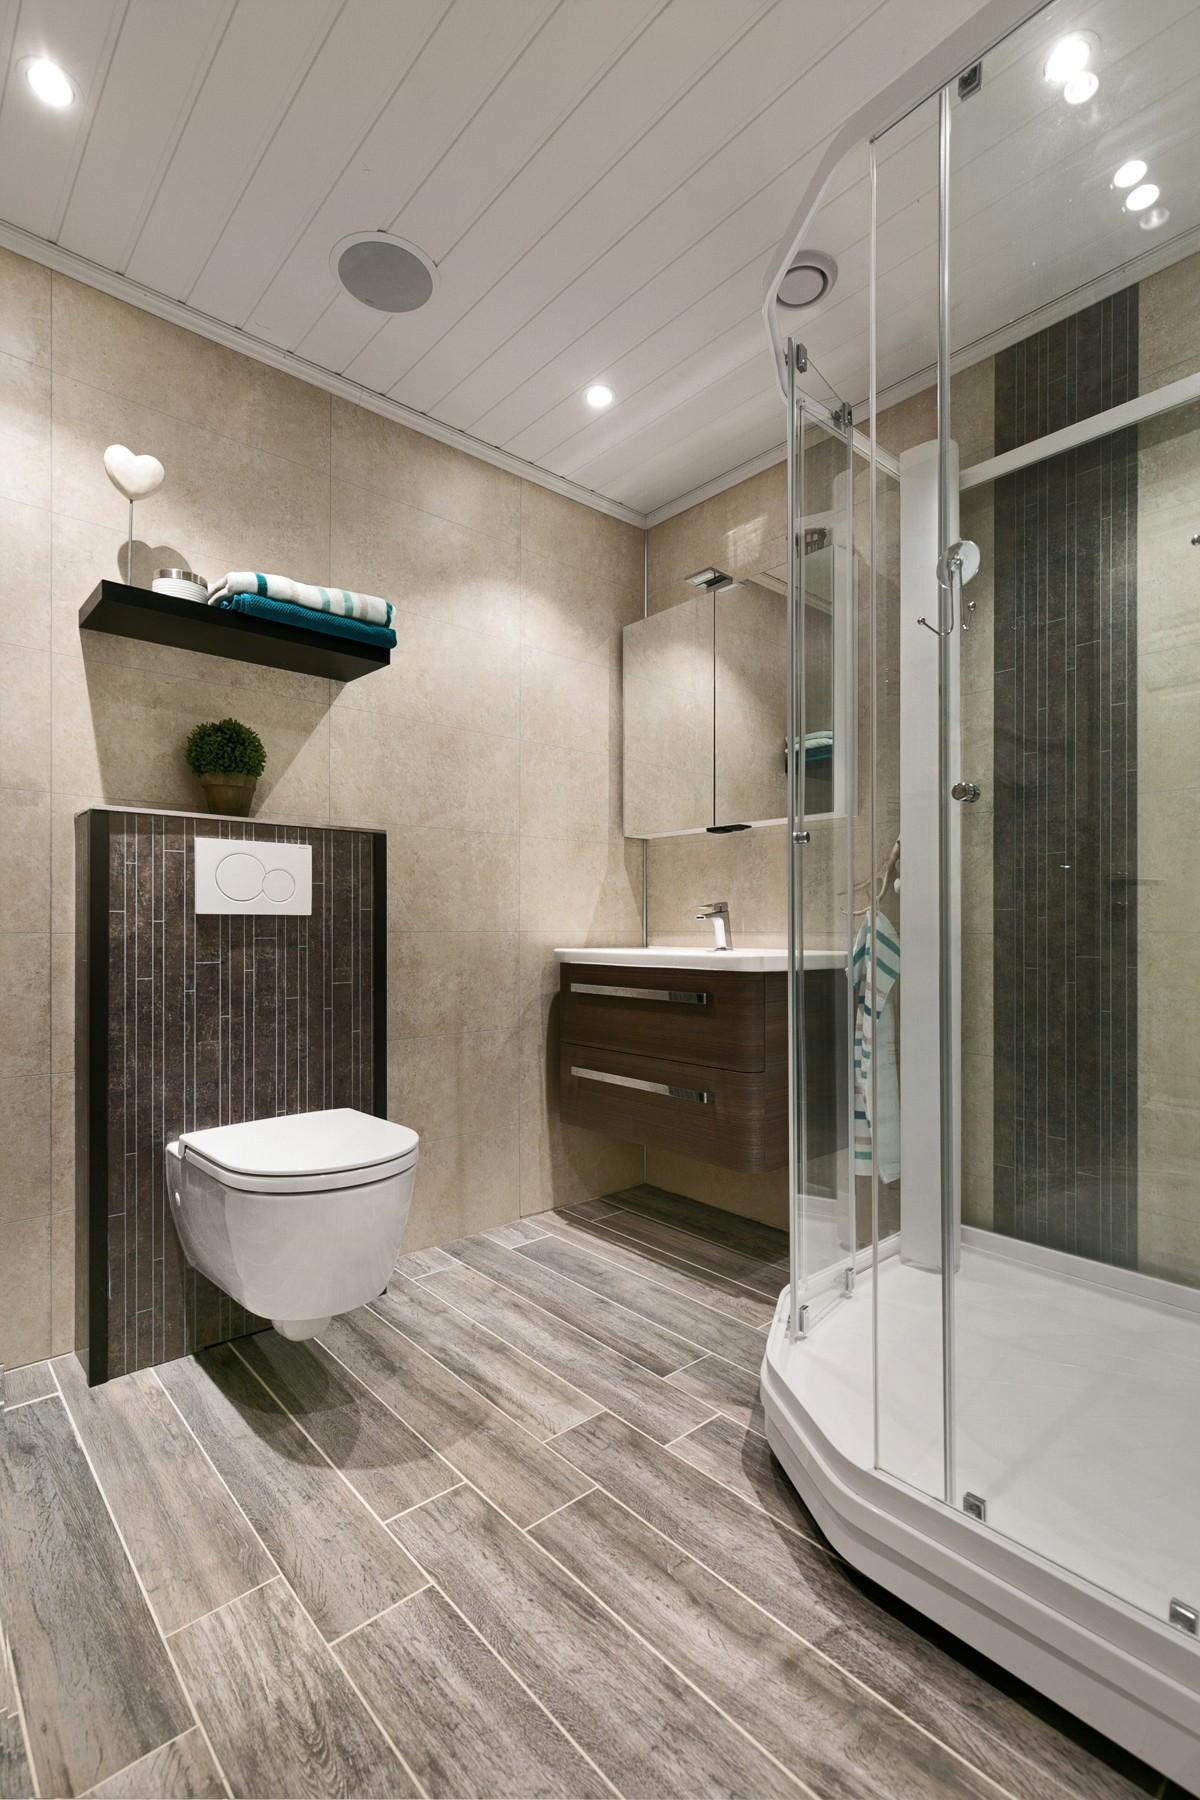 Komplett fliselagt baderom med spotter i tak, vegghengt toalett, baderomsinnredning og dusjkabinett